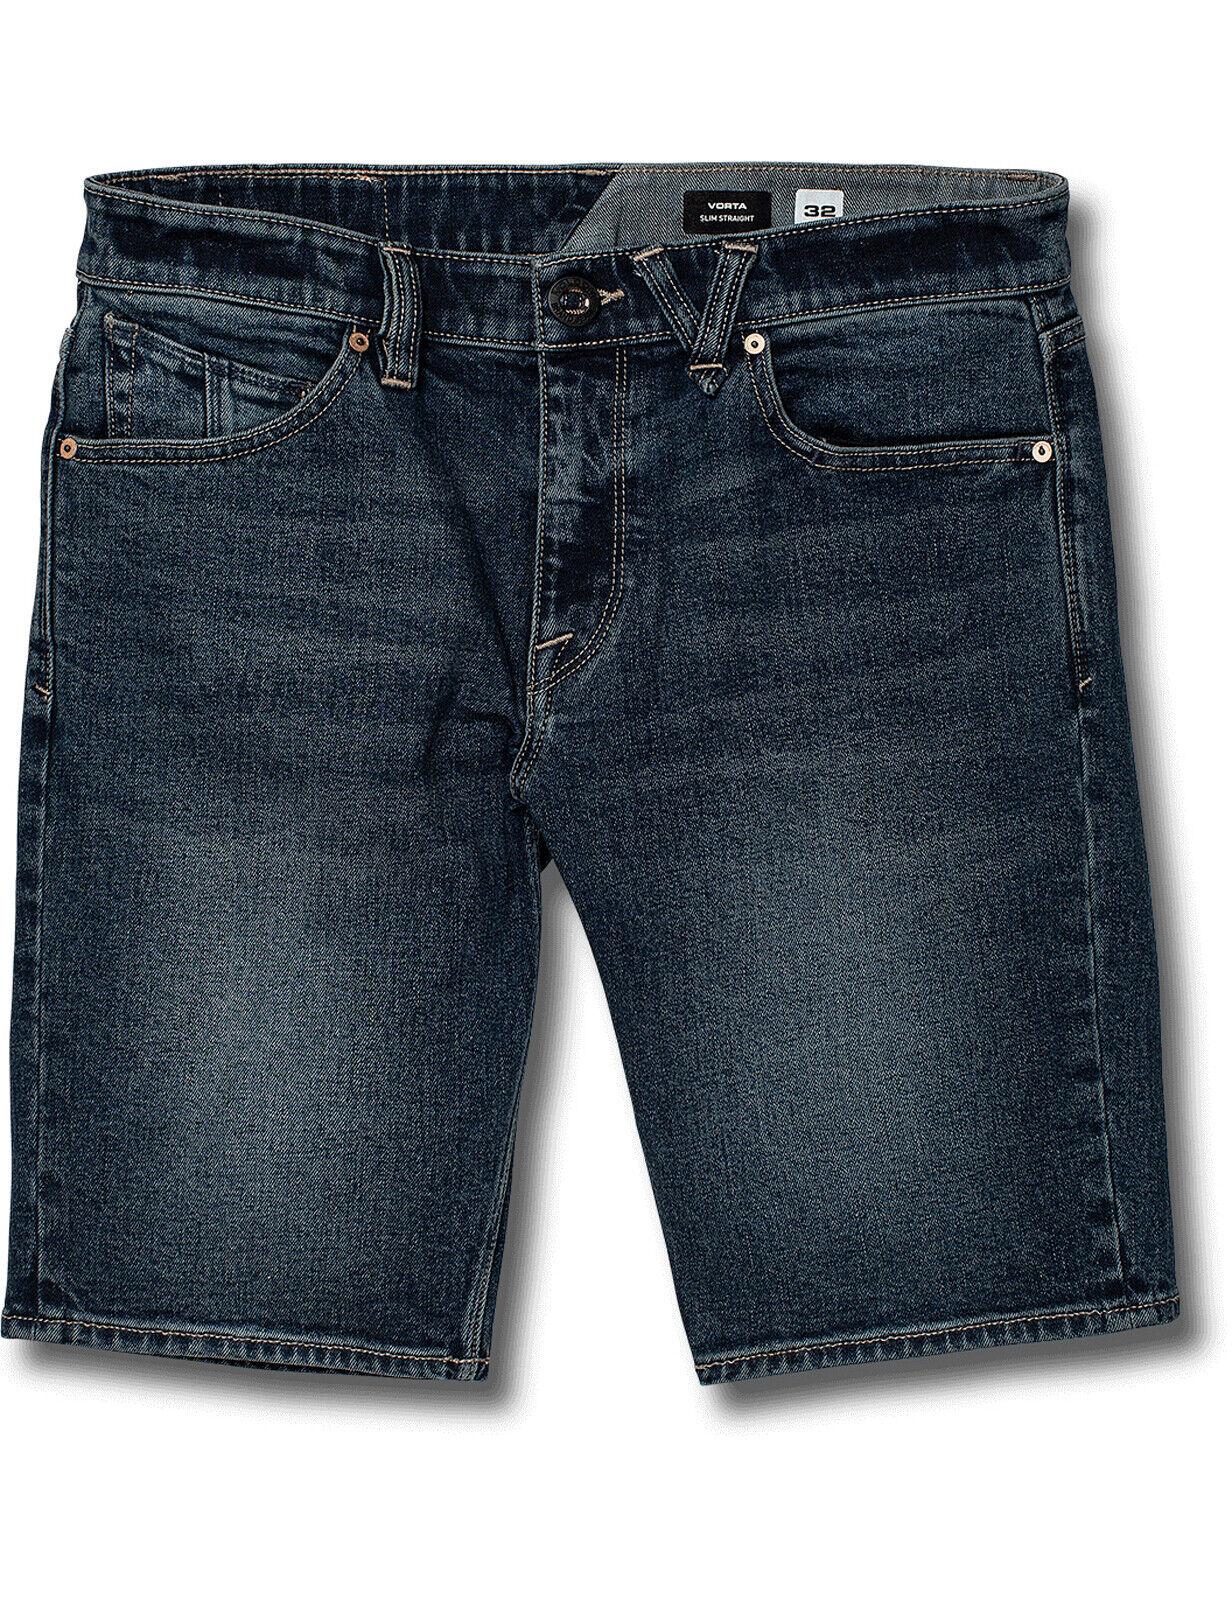 Volcom Vorta Denim Shorts in Dry Vintage